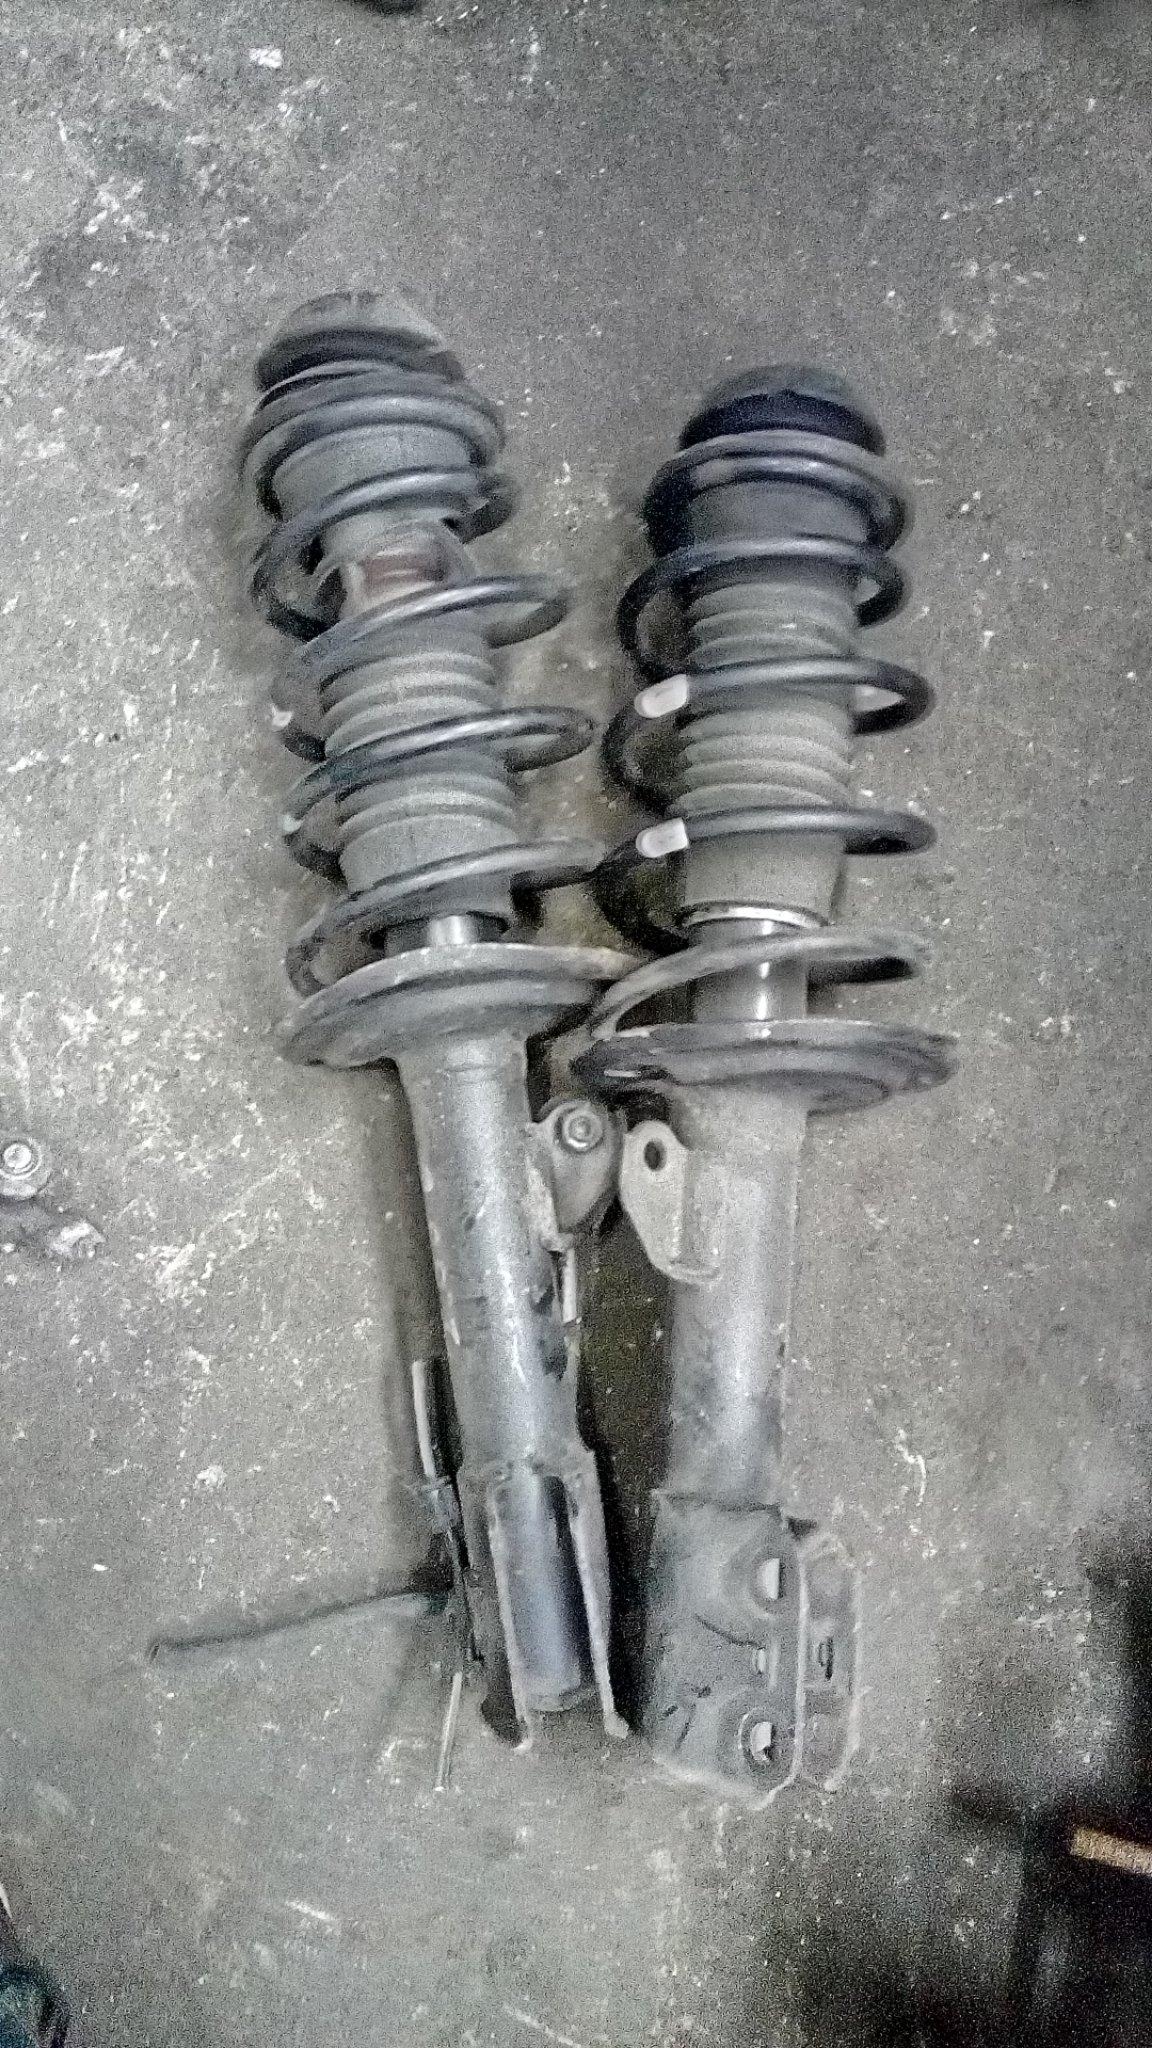 Toyota vitz front shocks 01343